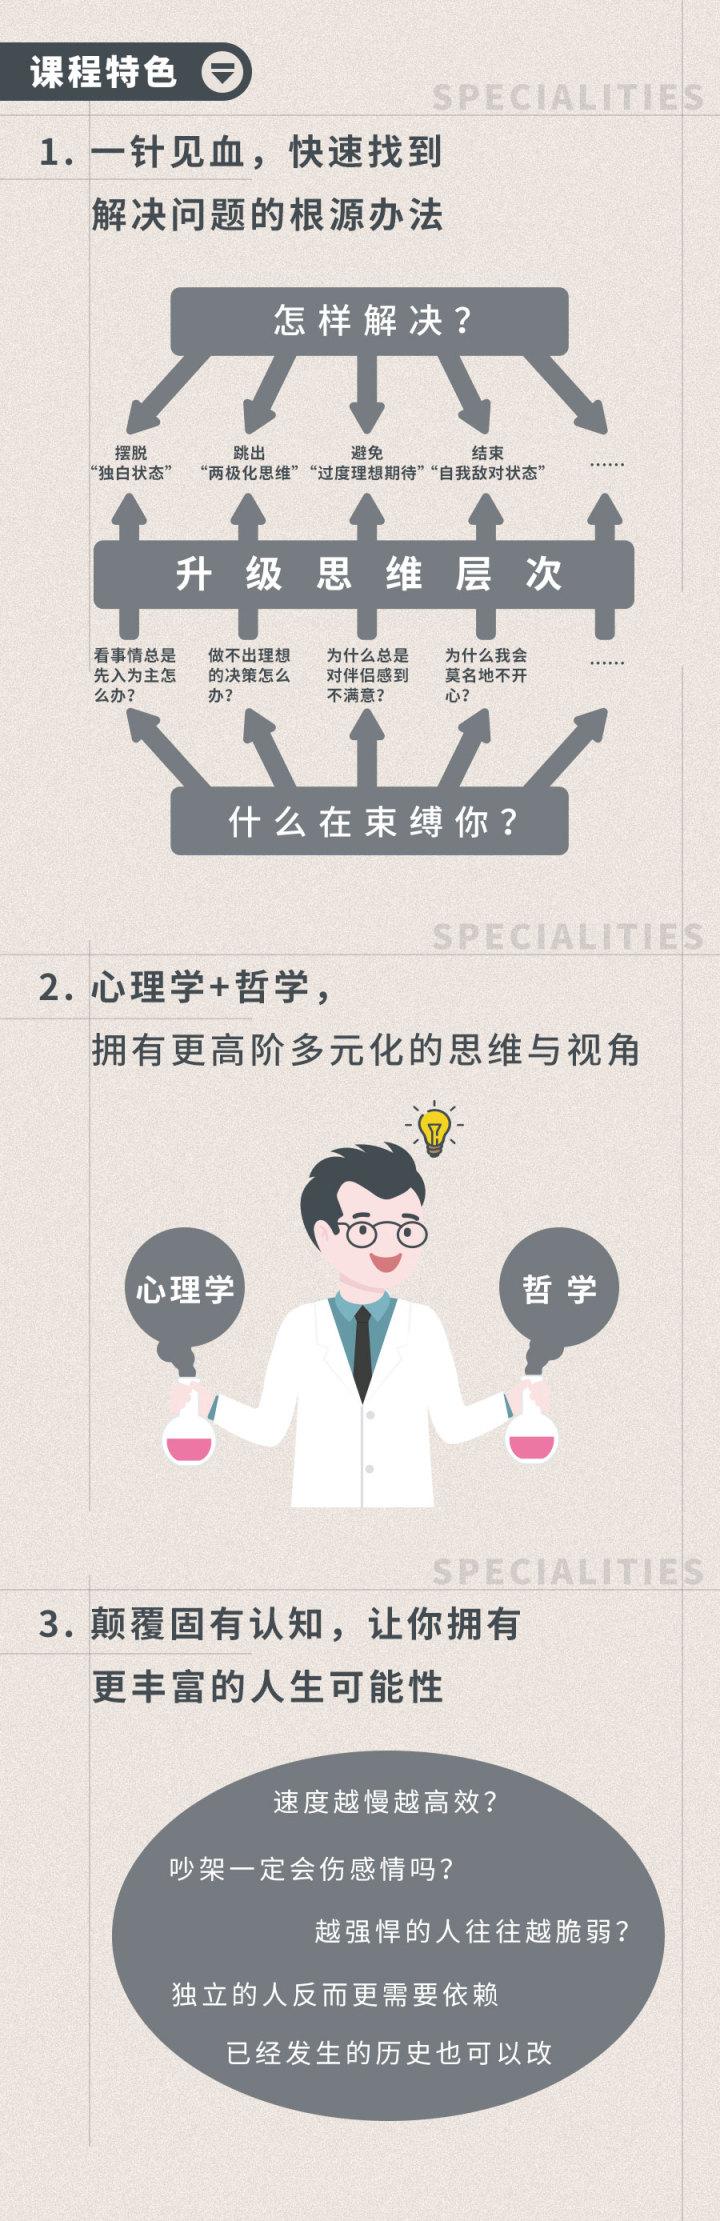 刘双阳课详情页-课程特色-适合谁听-20190521_01.jpg